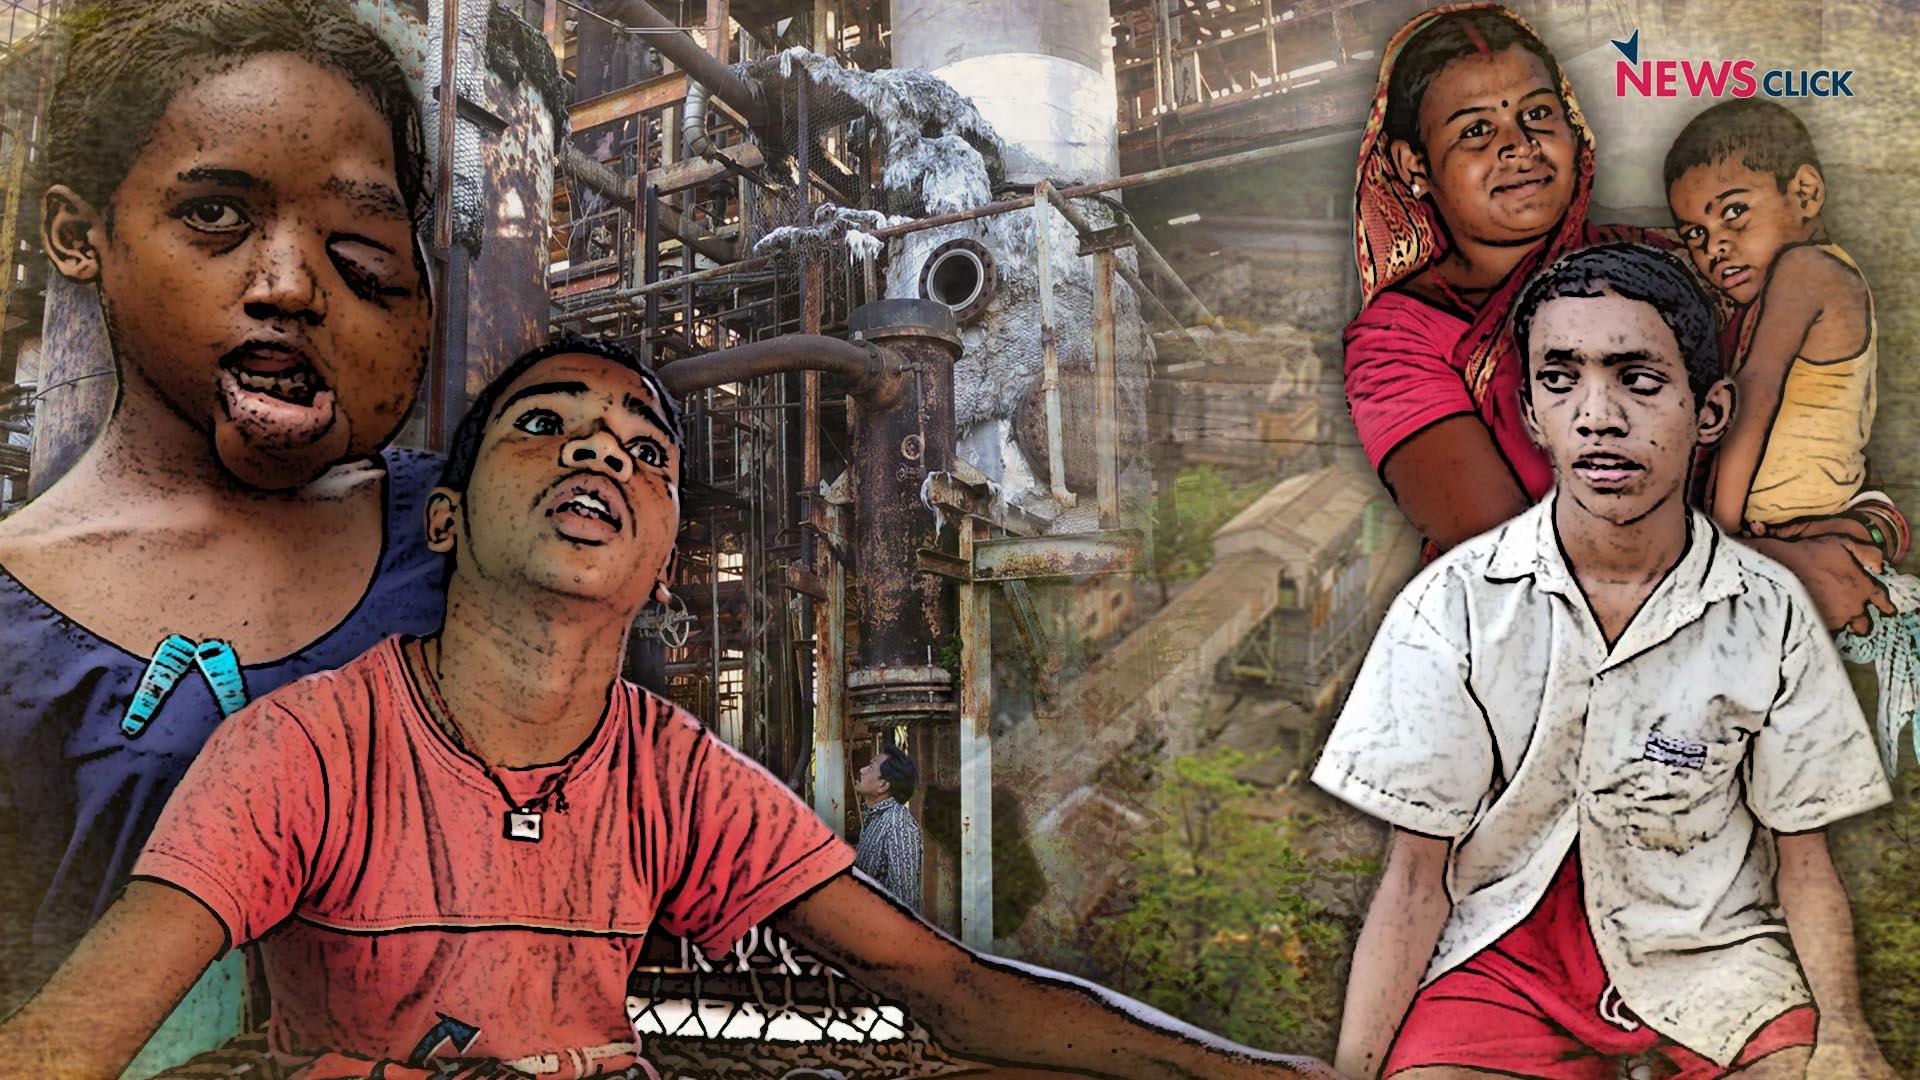 Uranium Mining in Jharkhand